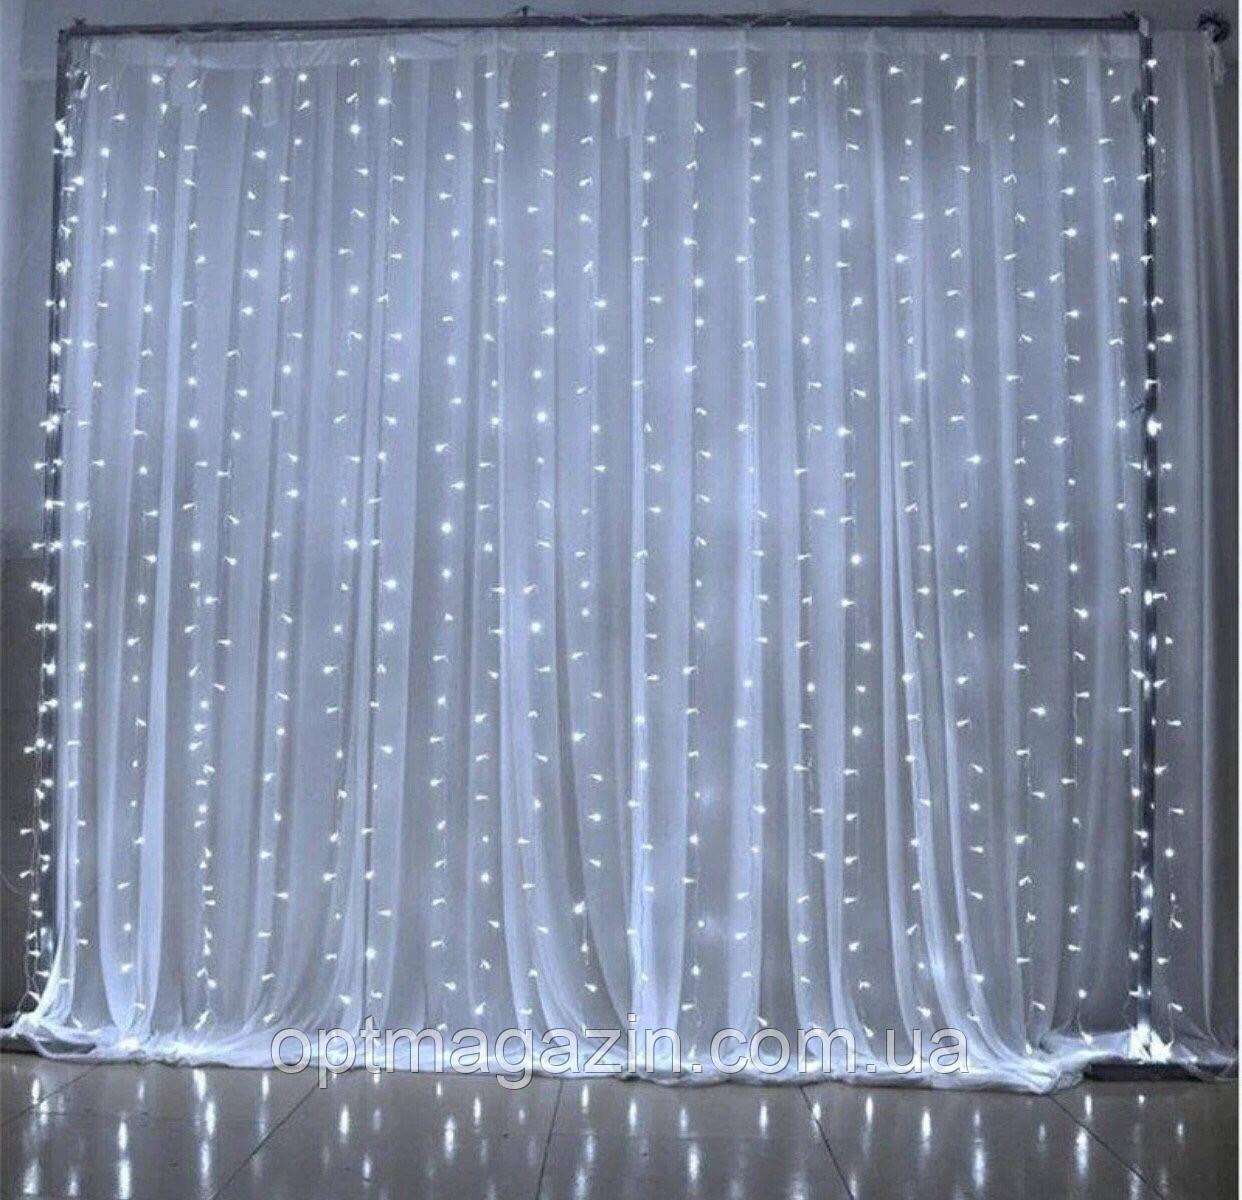 Гірлянда Штора-Водоспад Waterfall прозорий шнур велика лампа 3*2 м 240 LED білизна з перехідником